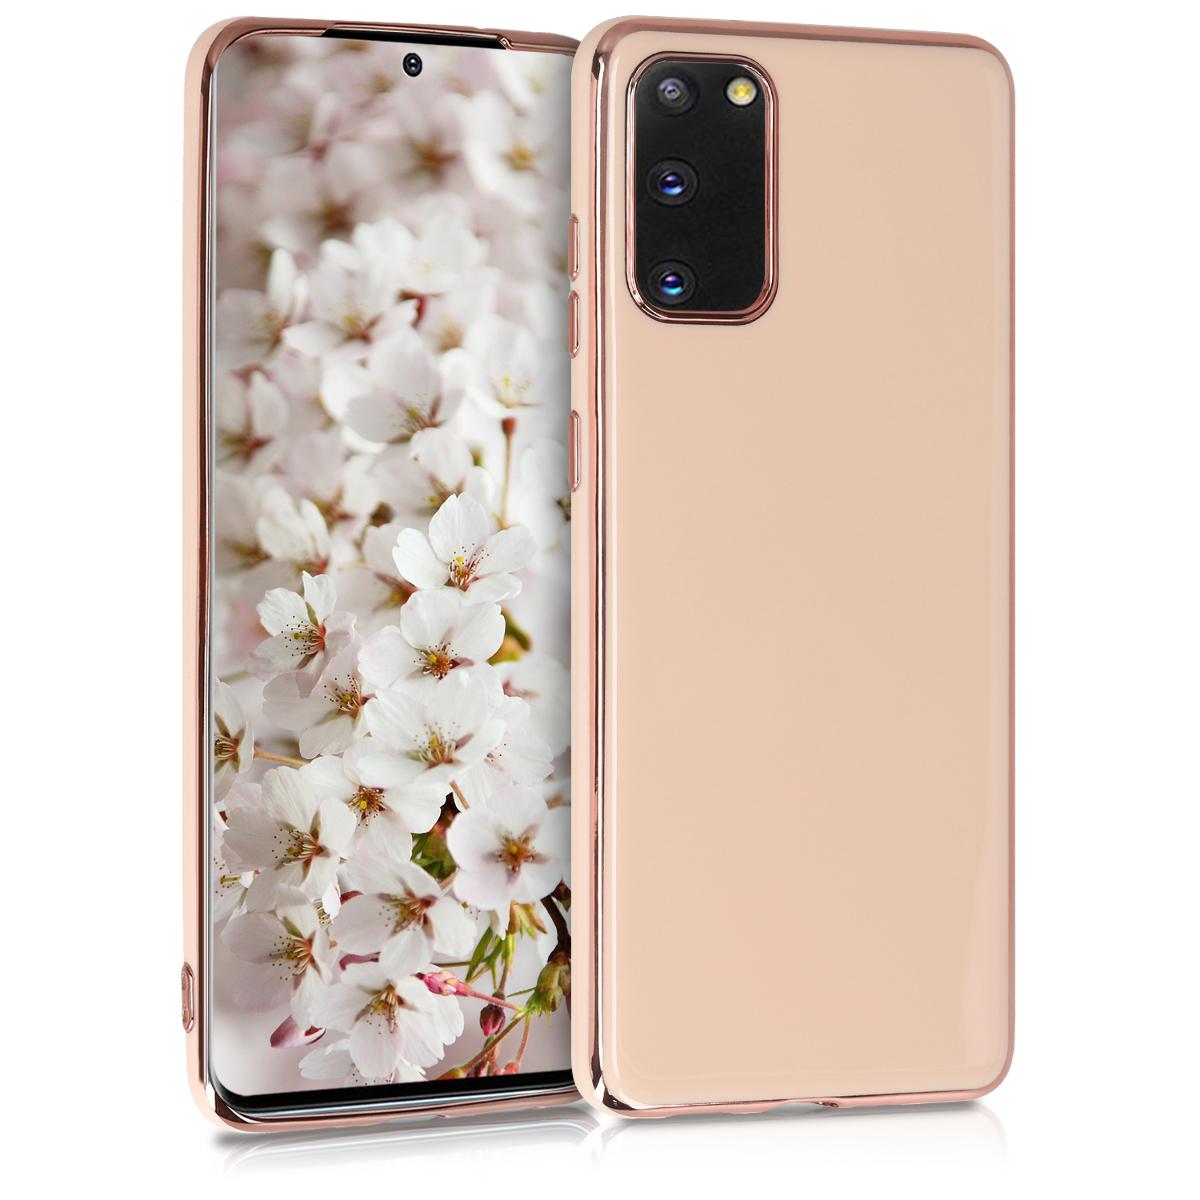 Lesklé rose gold pouzdro / obal pro Samsung S20